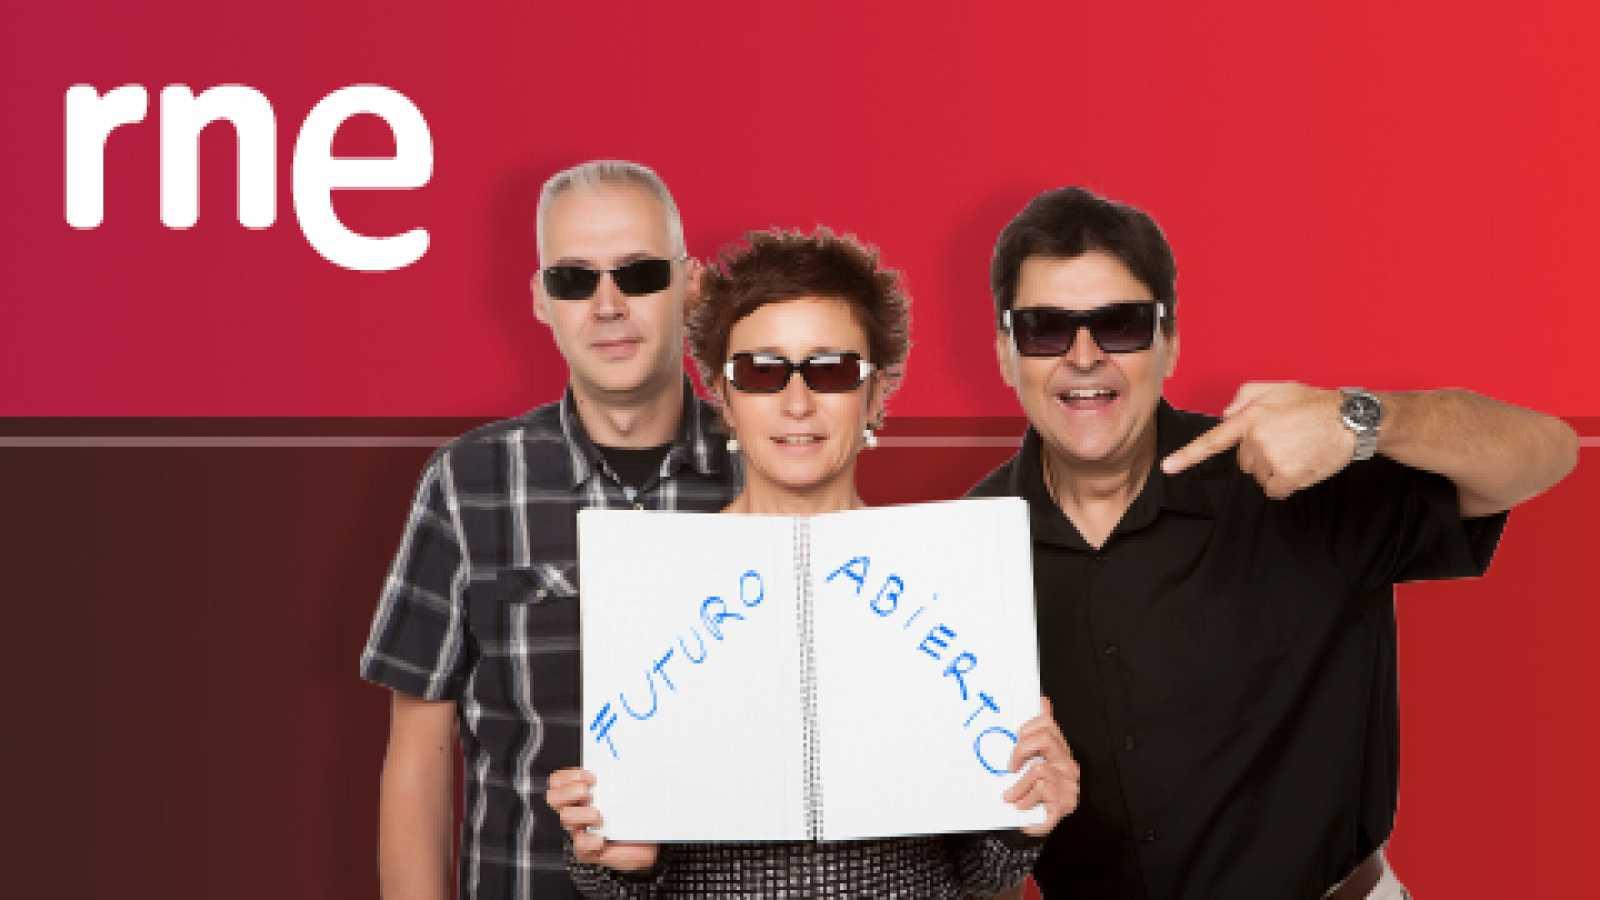 Futuro abierto - El IVA de la cultura - 05/01/14 - escuchar ahora